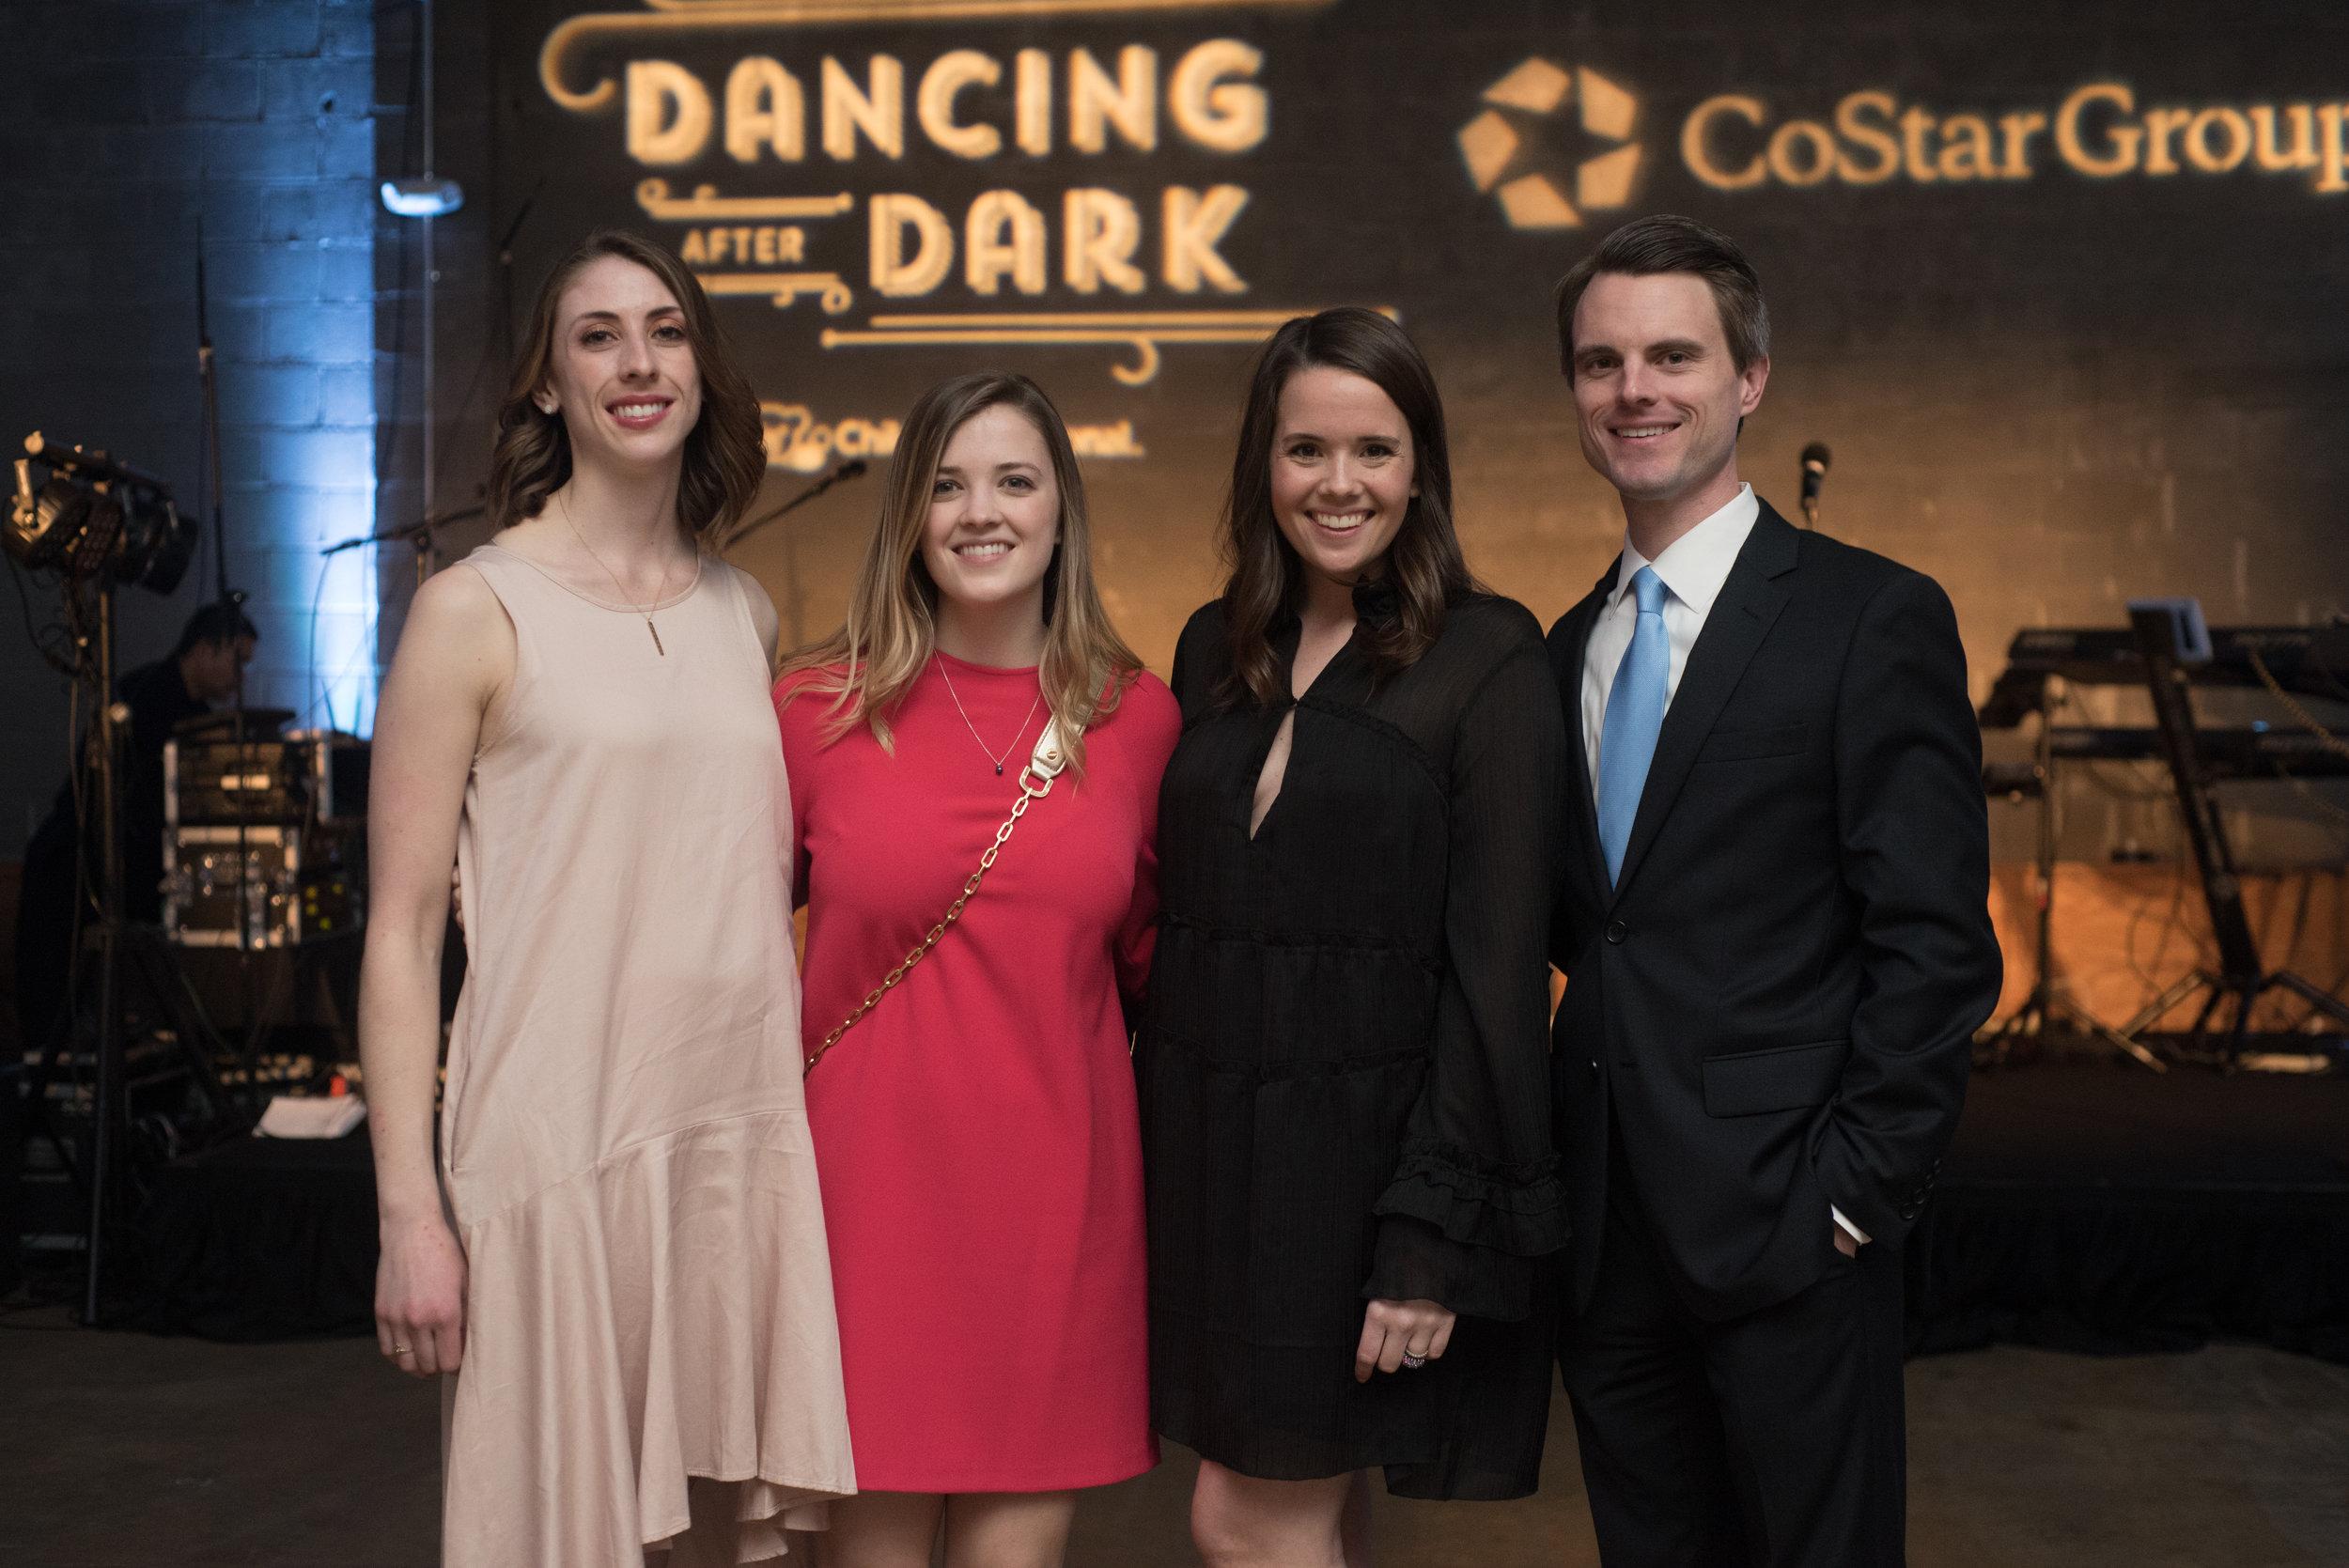 Dancing After Dark Dock 5 2018